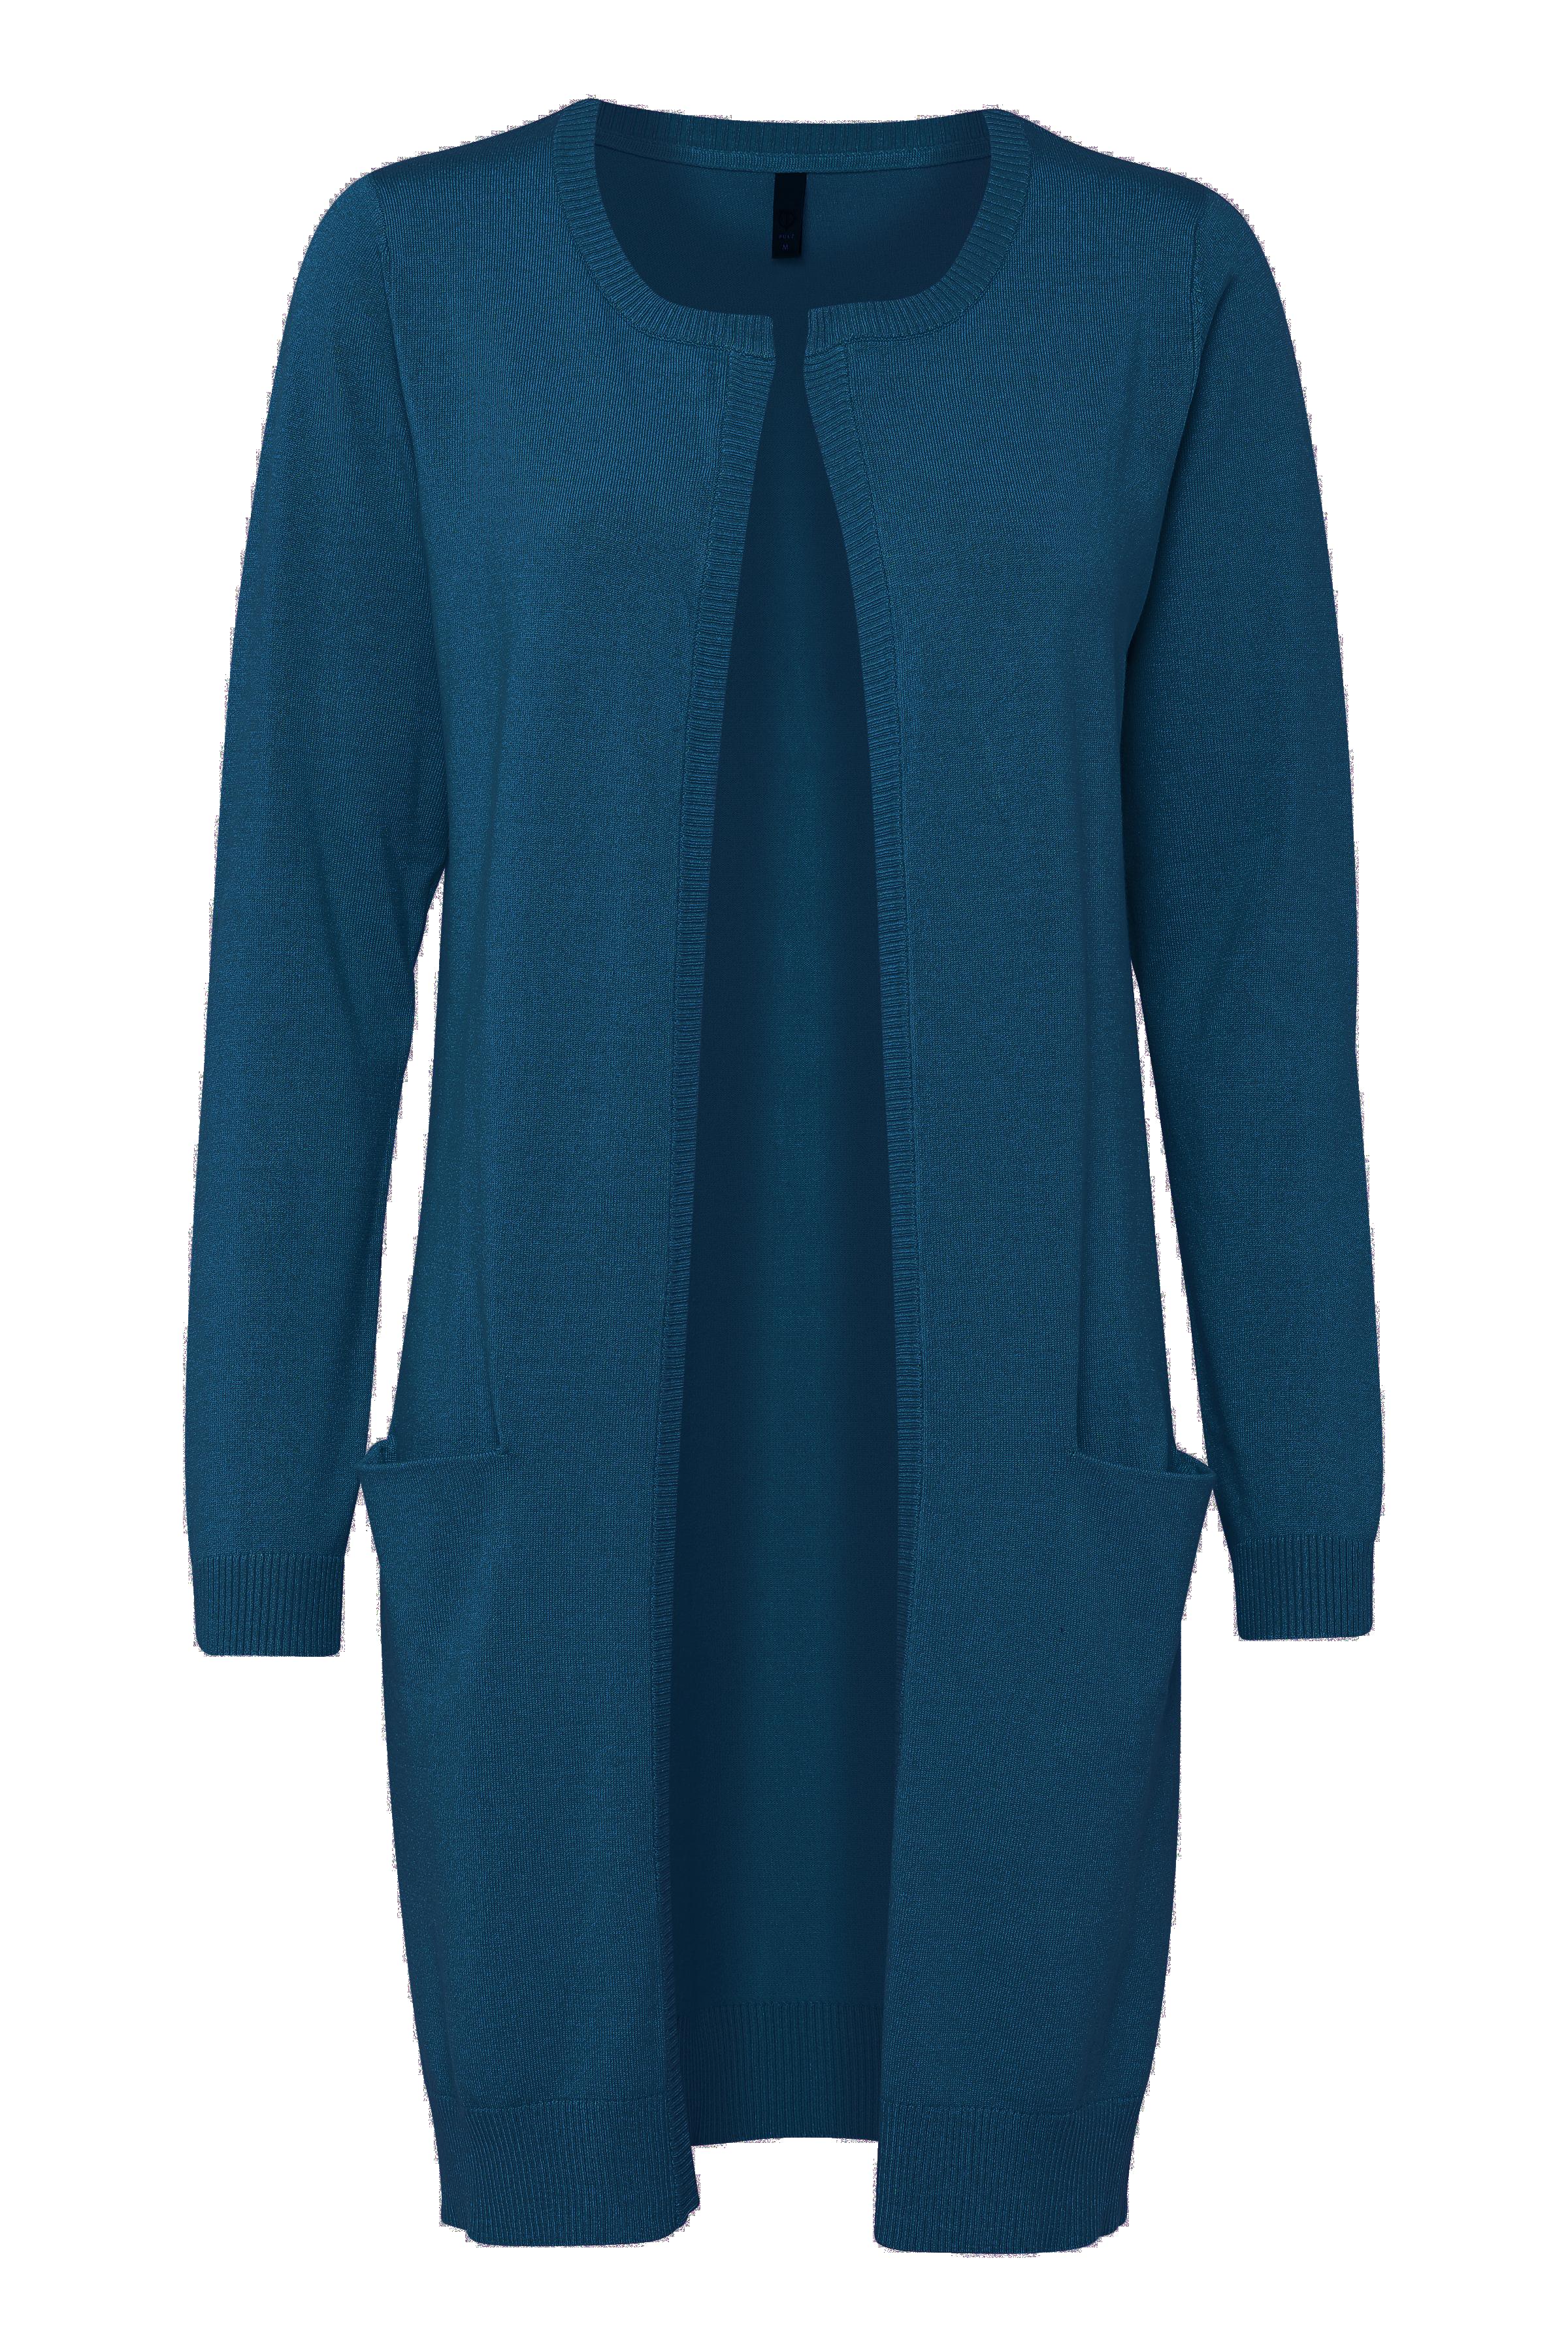 Blå Stickad cardigan från Pulz Jeans – Köp Blå Stickad cardigan från stl. XS-XXL här